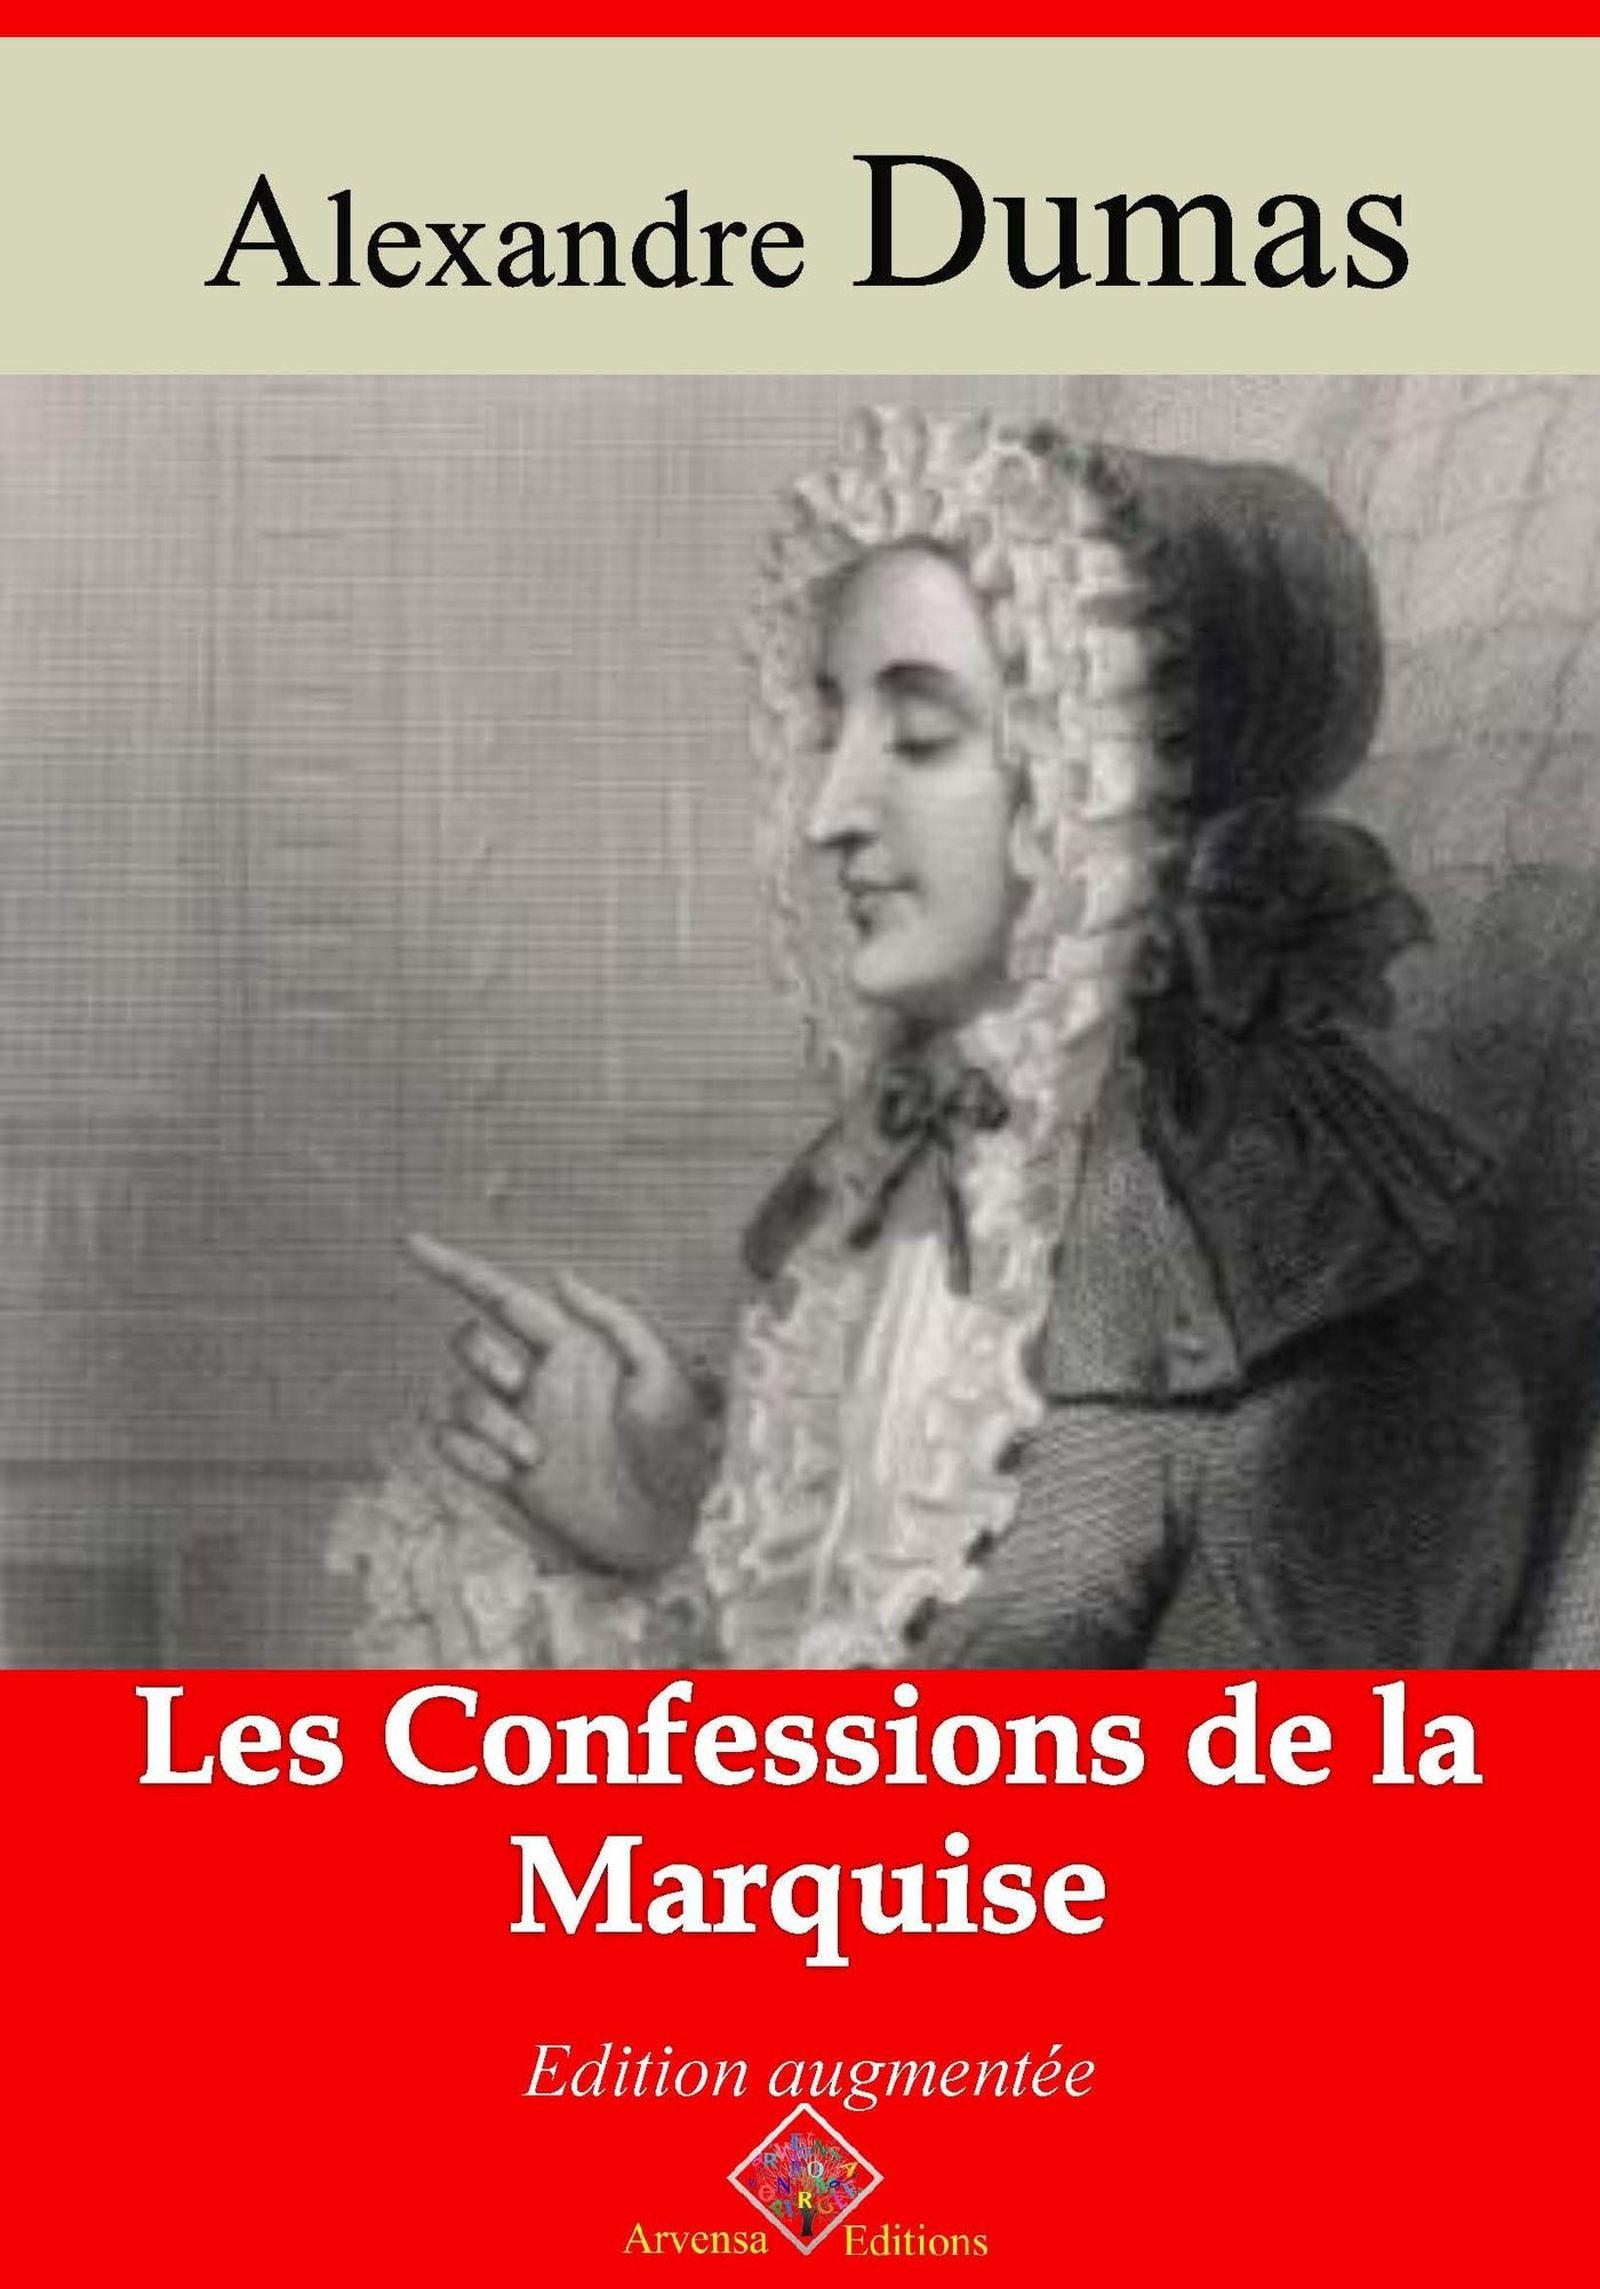 Les Confessions de la marquise - suivi d'annexes